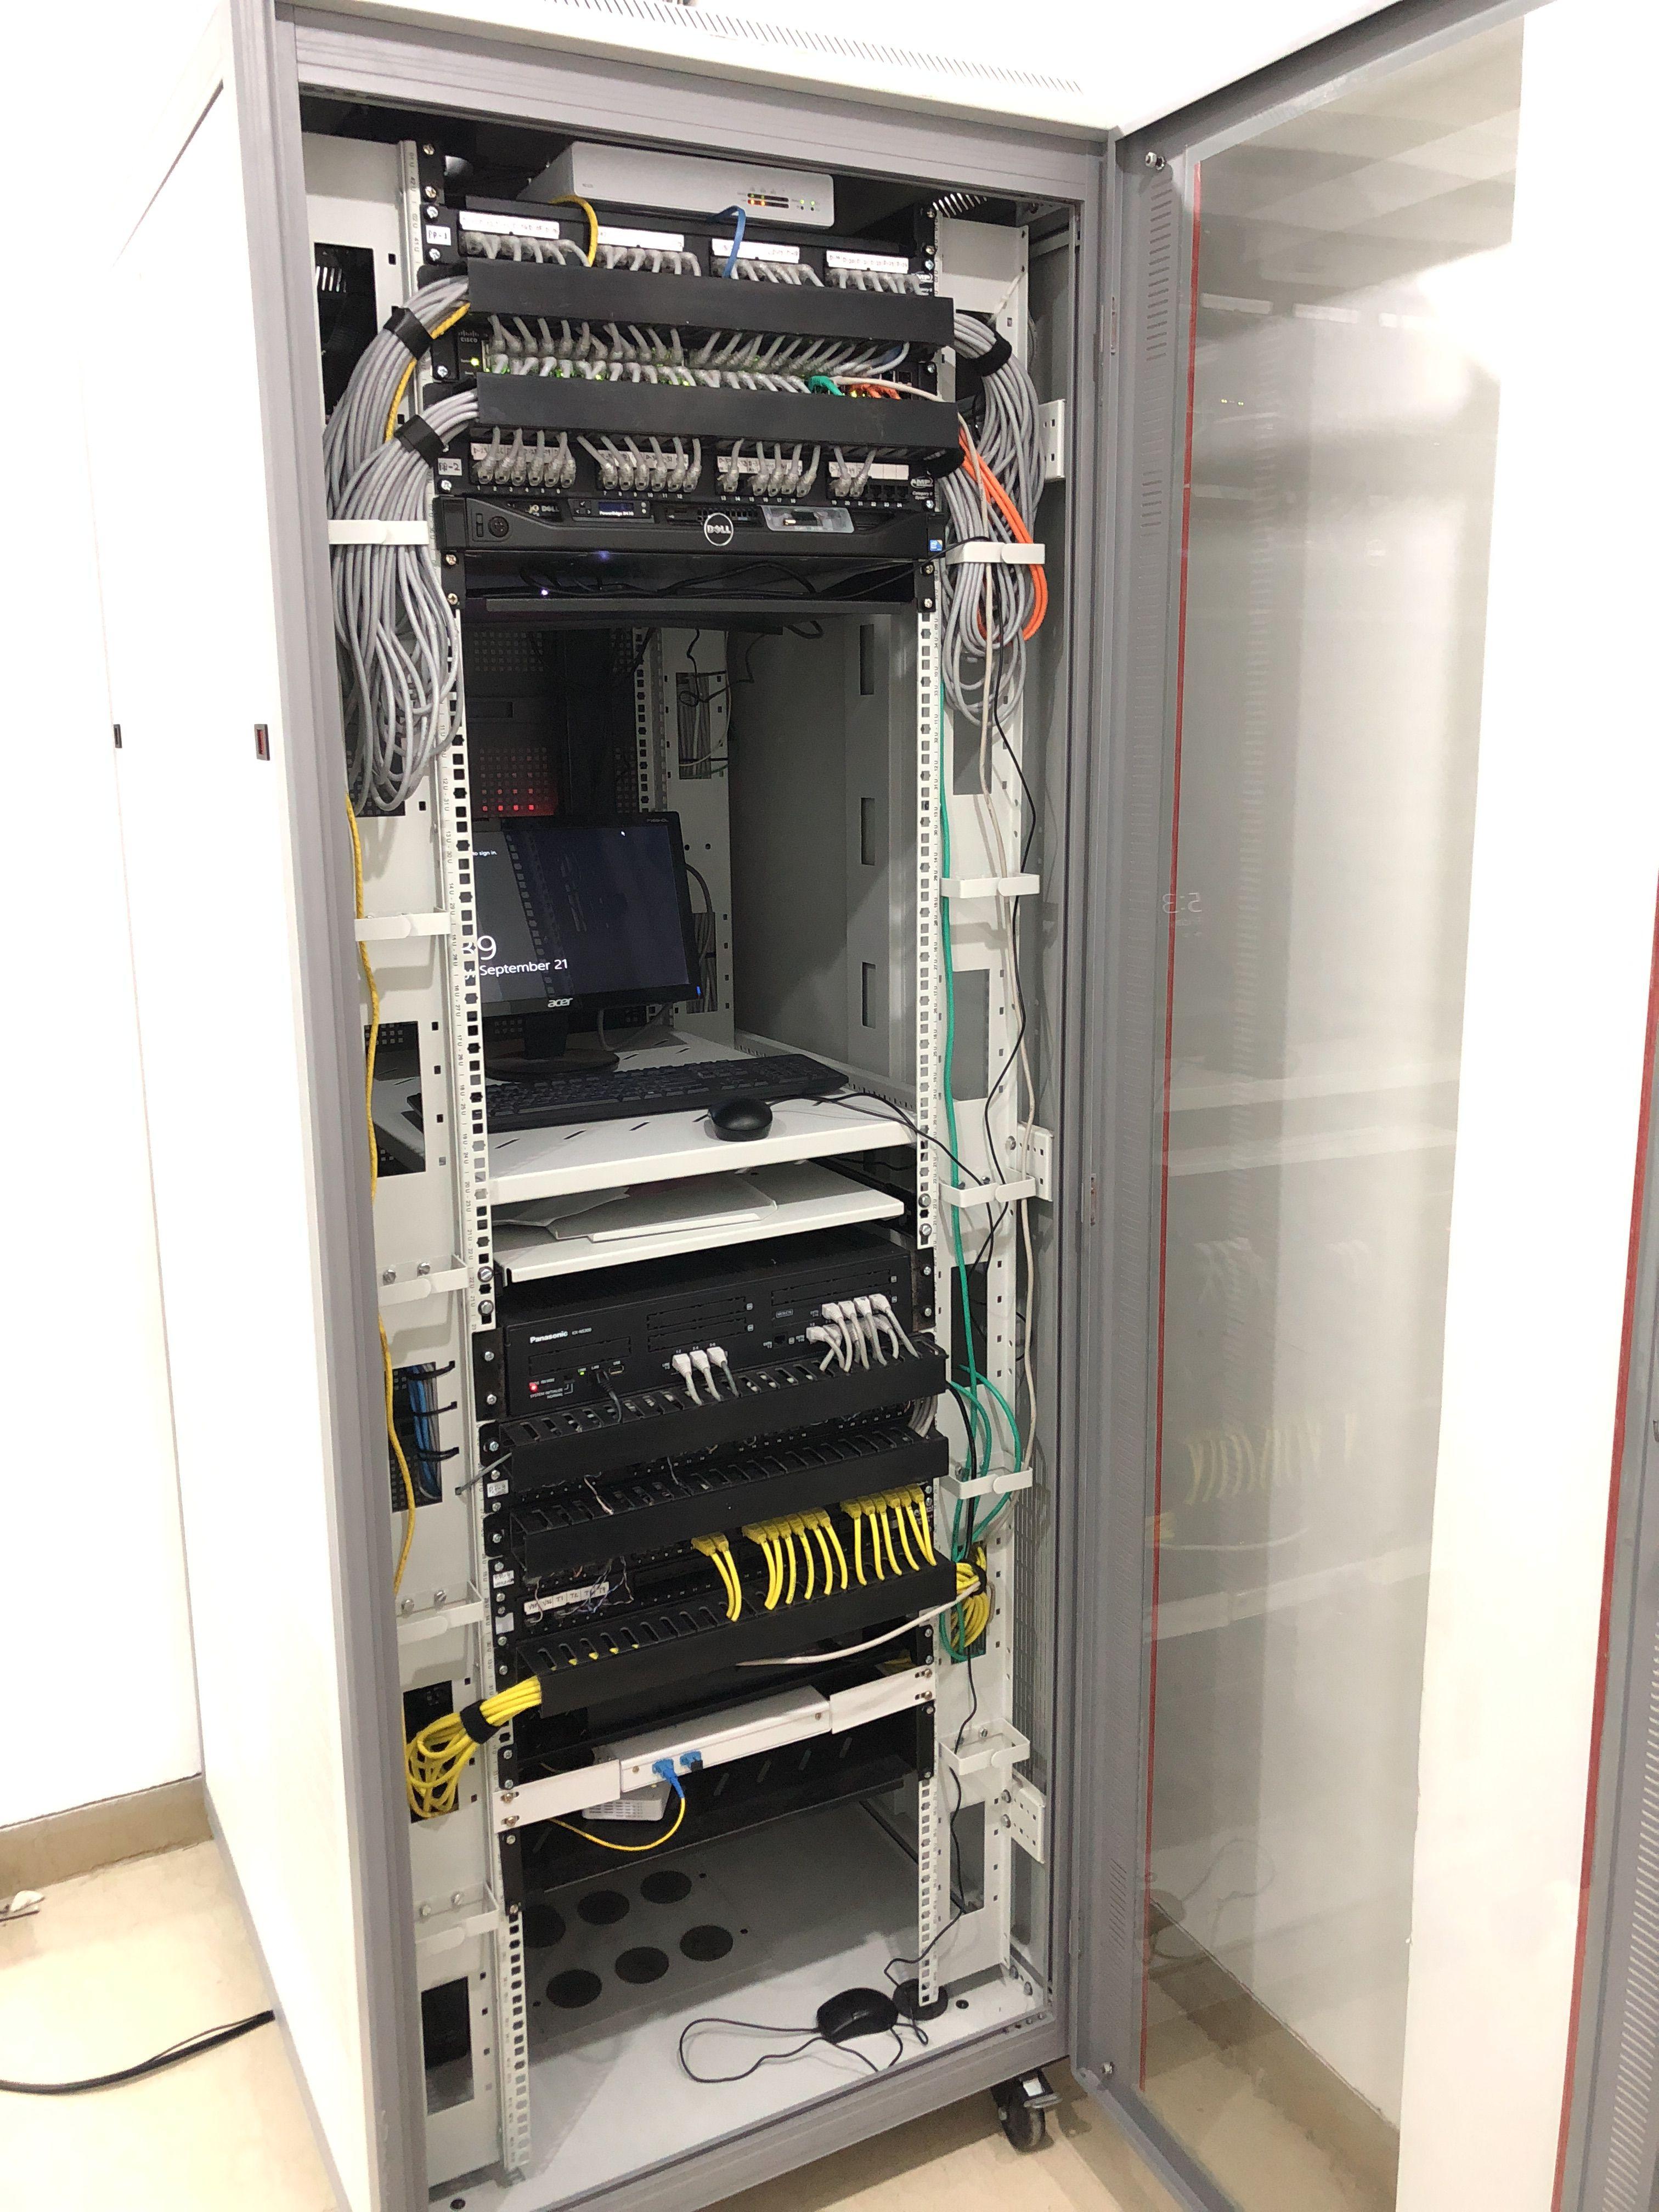 Finished Network Rack   Network Rack   Network rack, Closet ... on